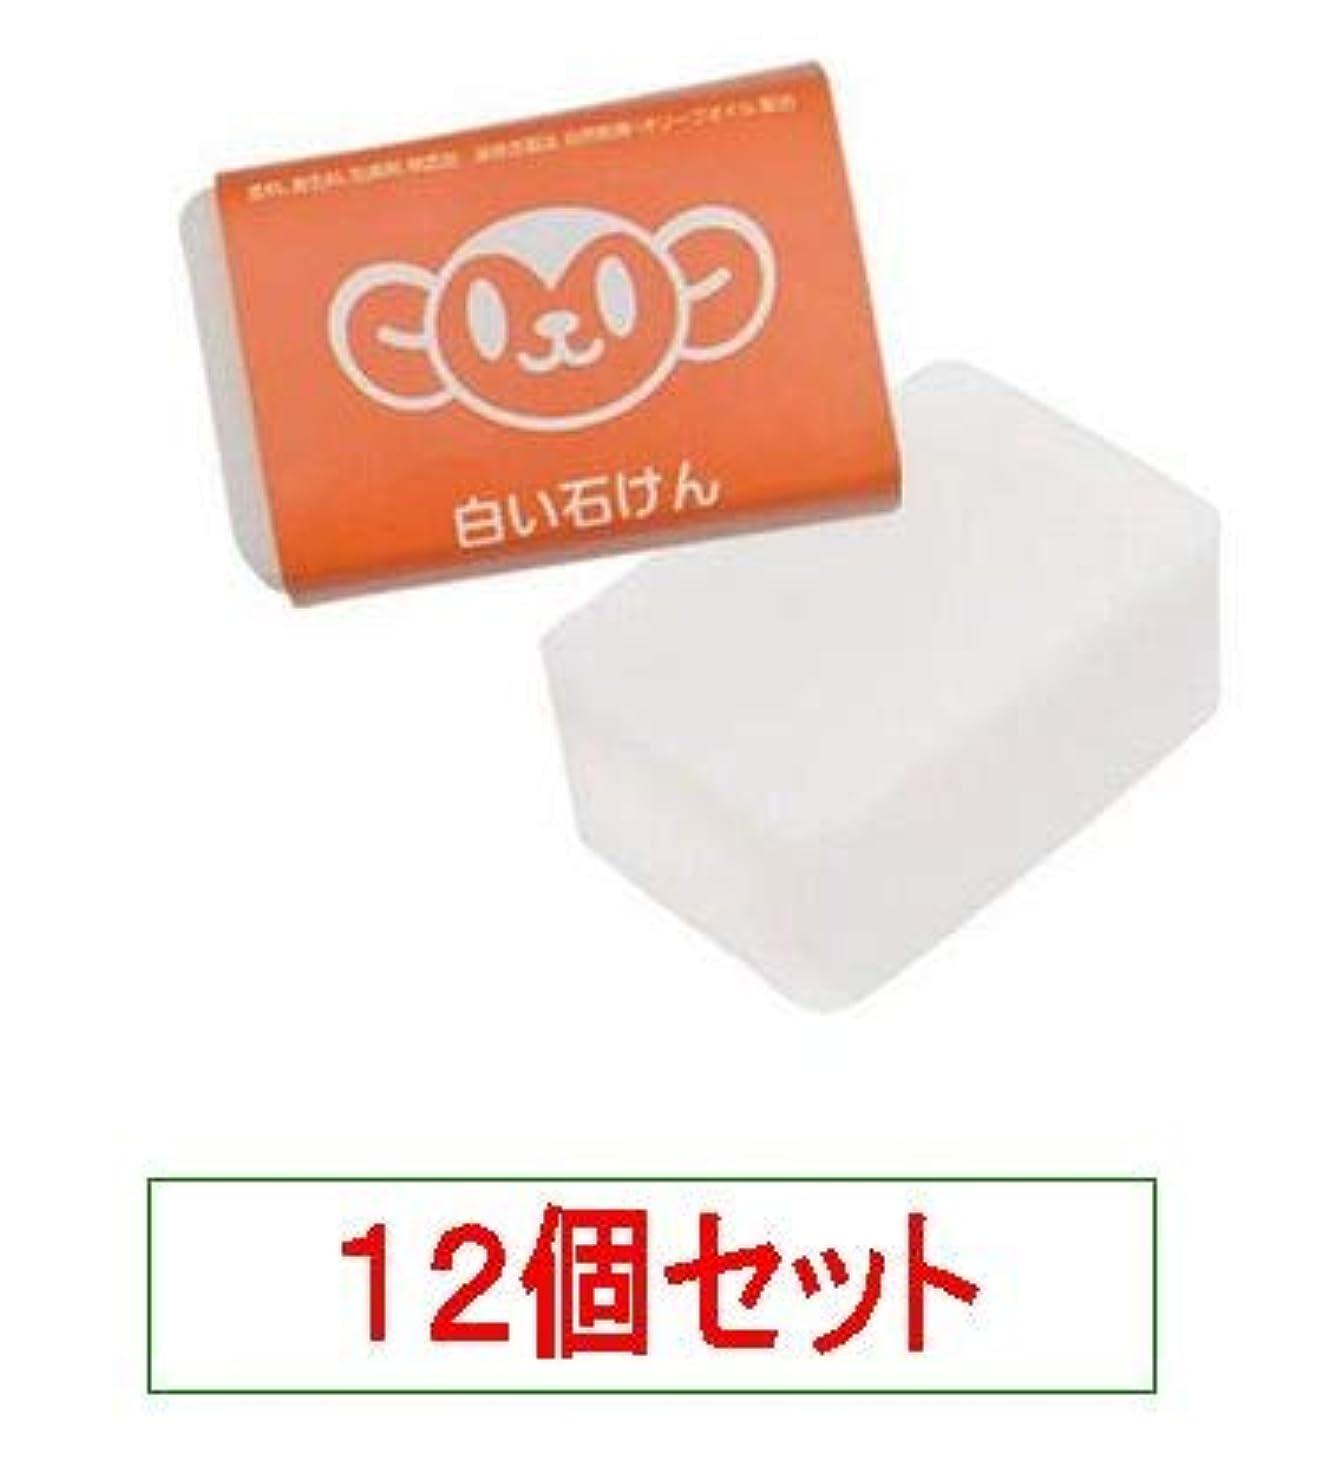 告白する原稿印象的なハイム むーくんシリーズ 白い石けん 120g<無添加の洗顔、入浴用>X12個セット